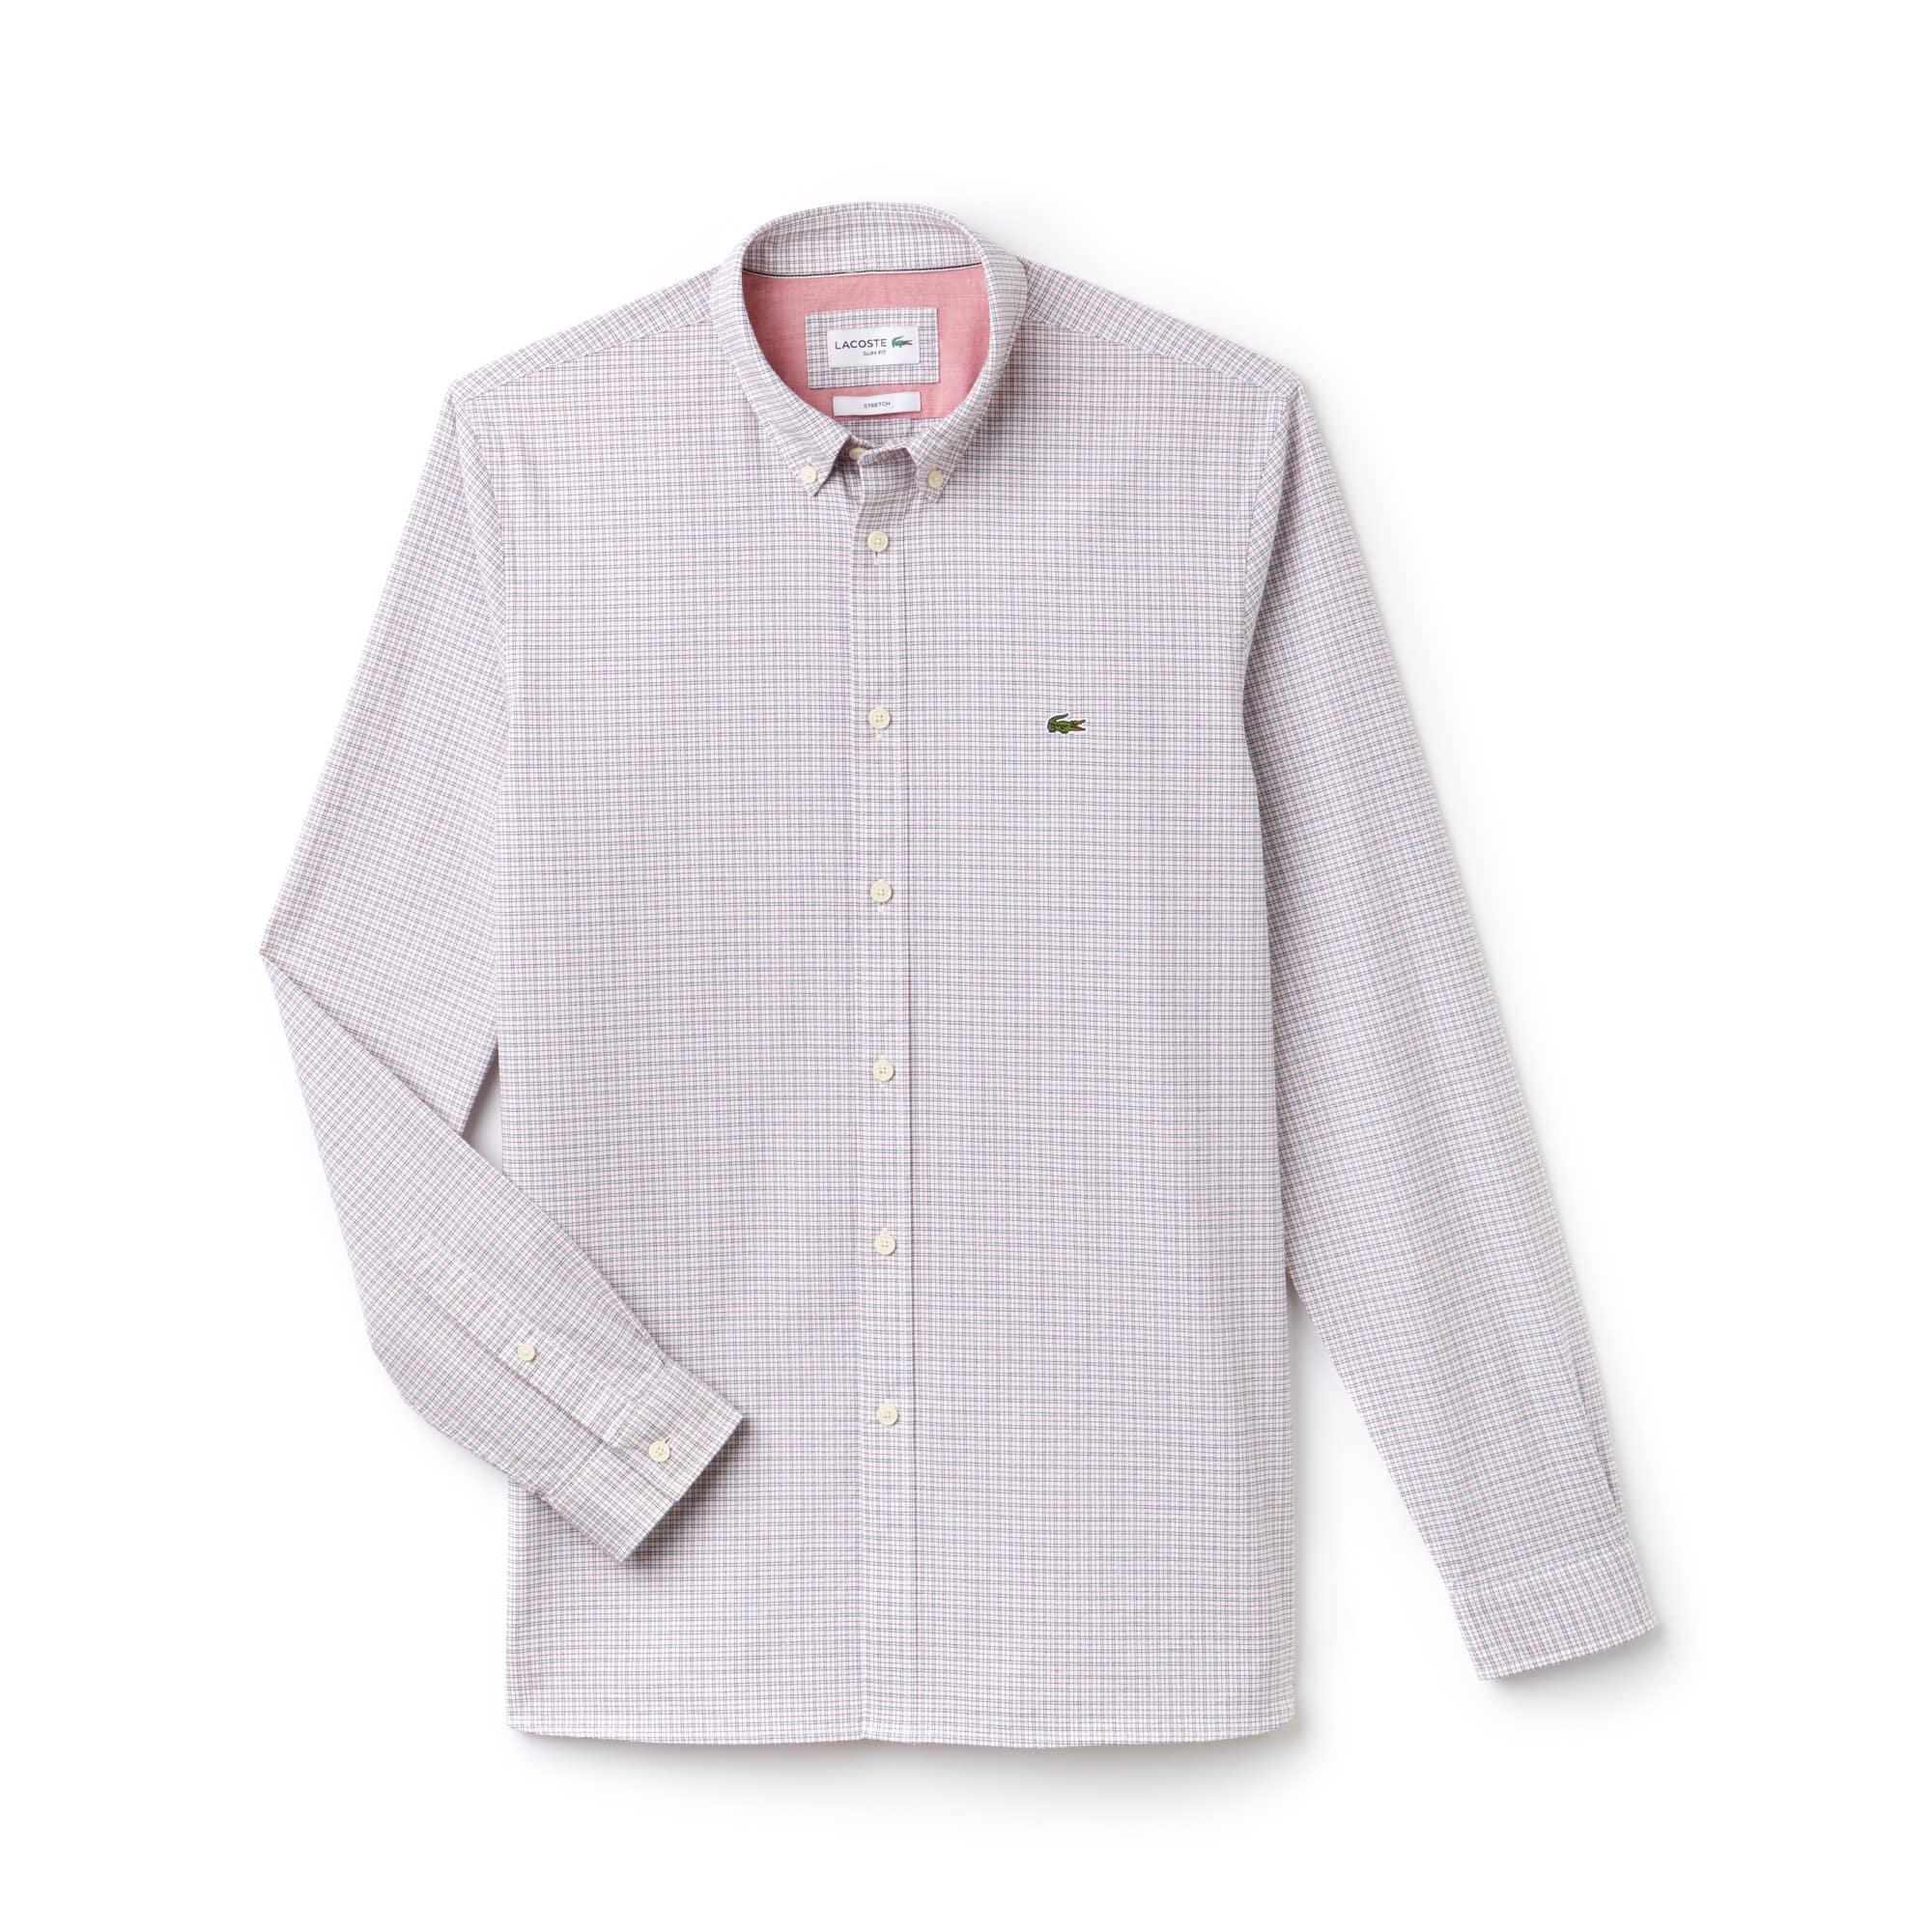 Lacoste - Camisa De Hombre Slim Fit En Algodón Oxford Elástico De Cuadros - 4